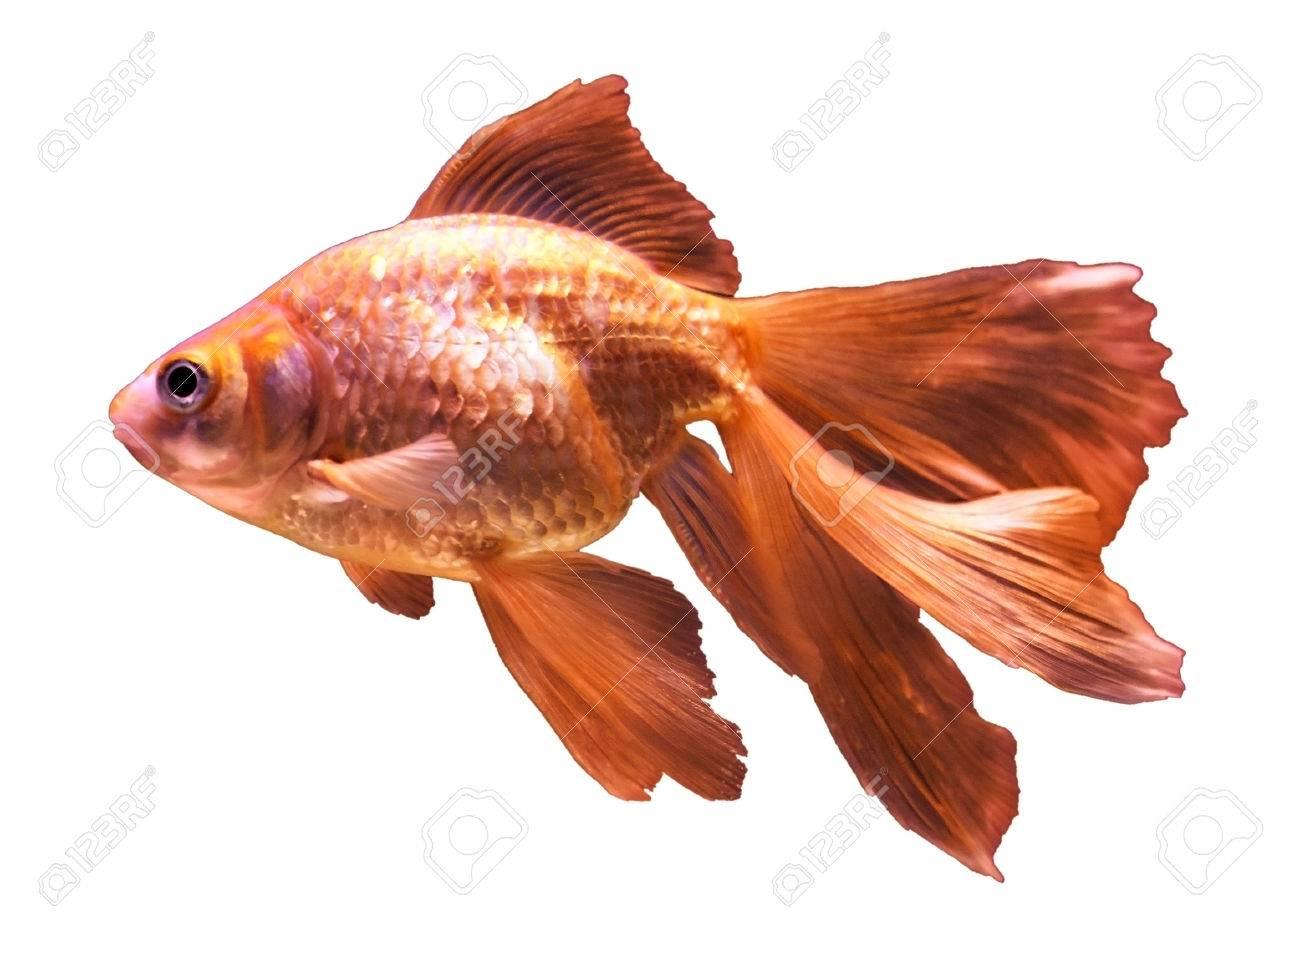 goldfish - isolated on white Stock Photo - 26005685